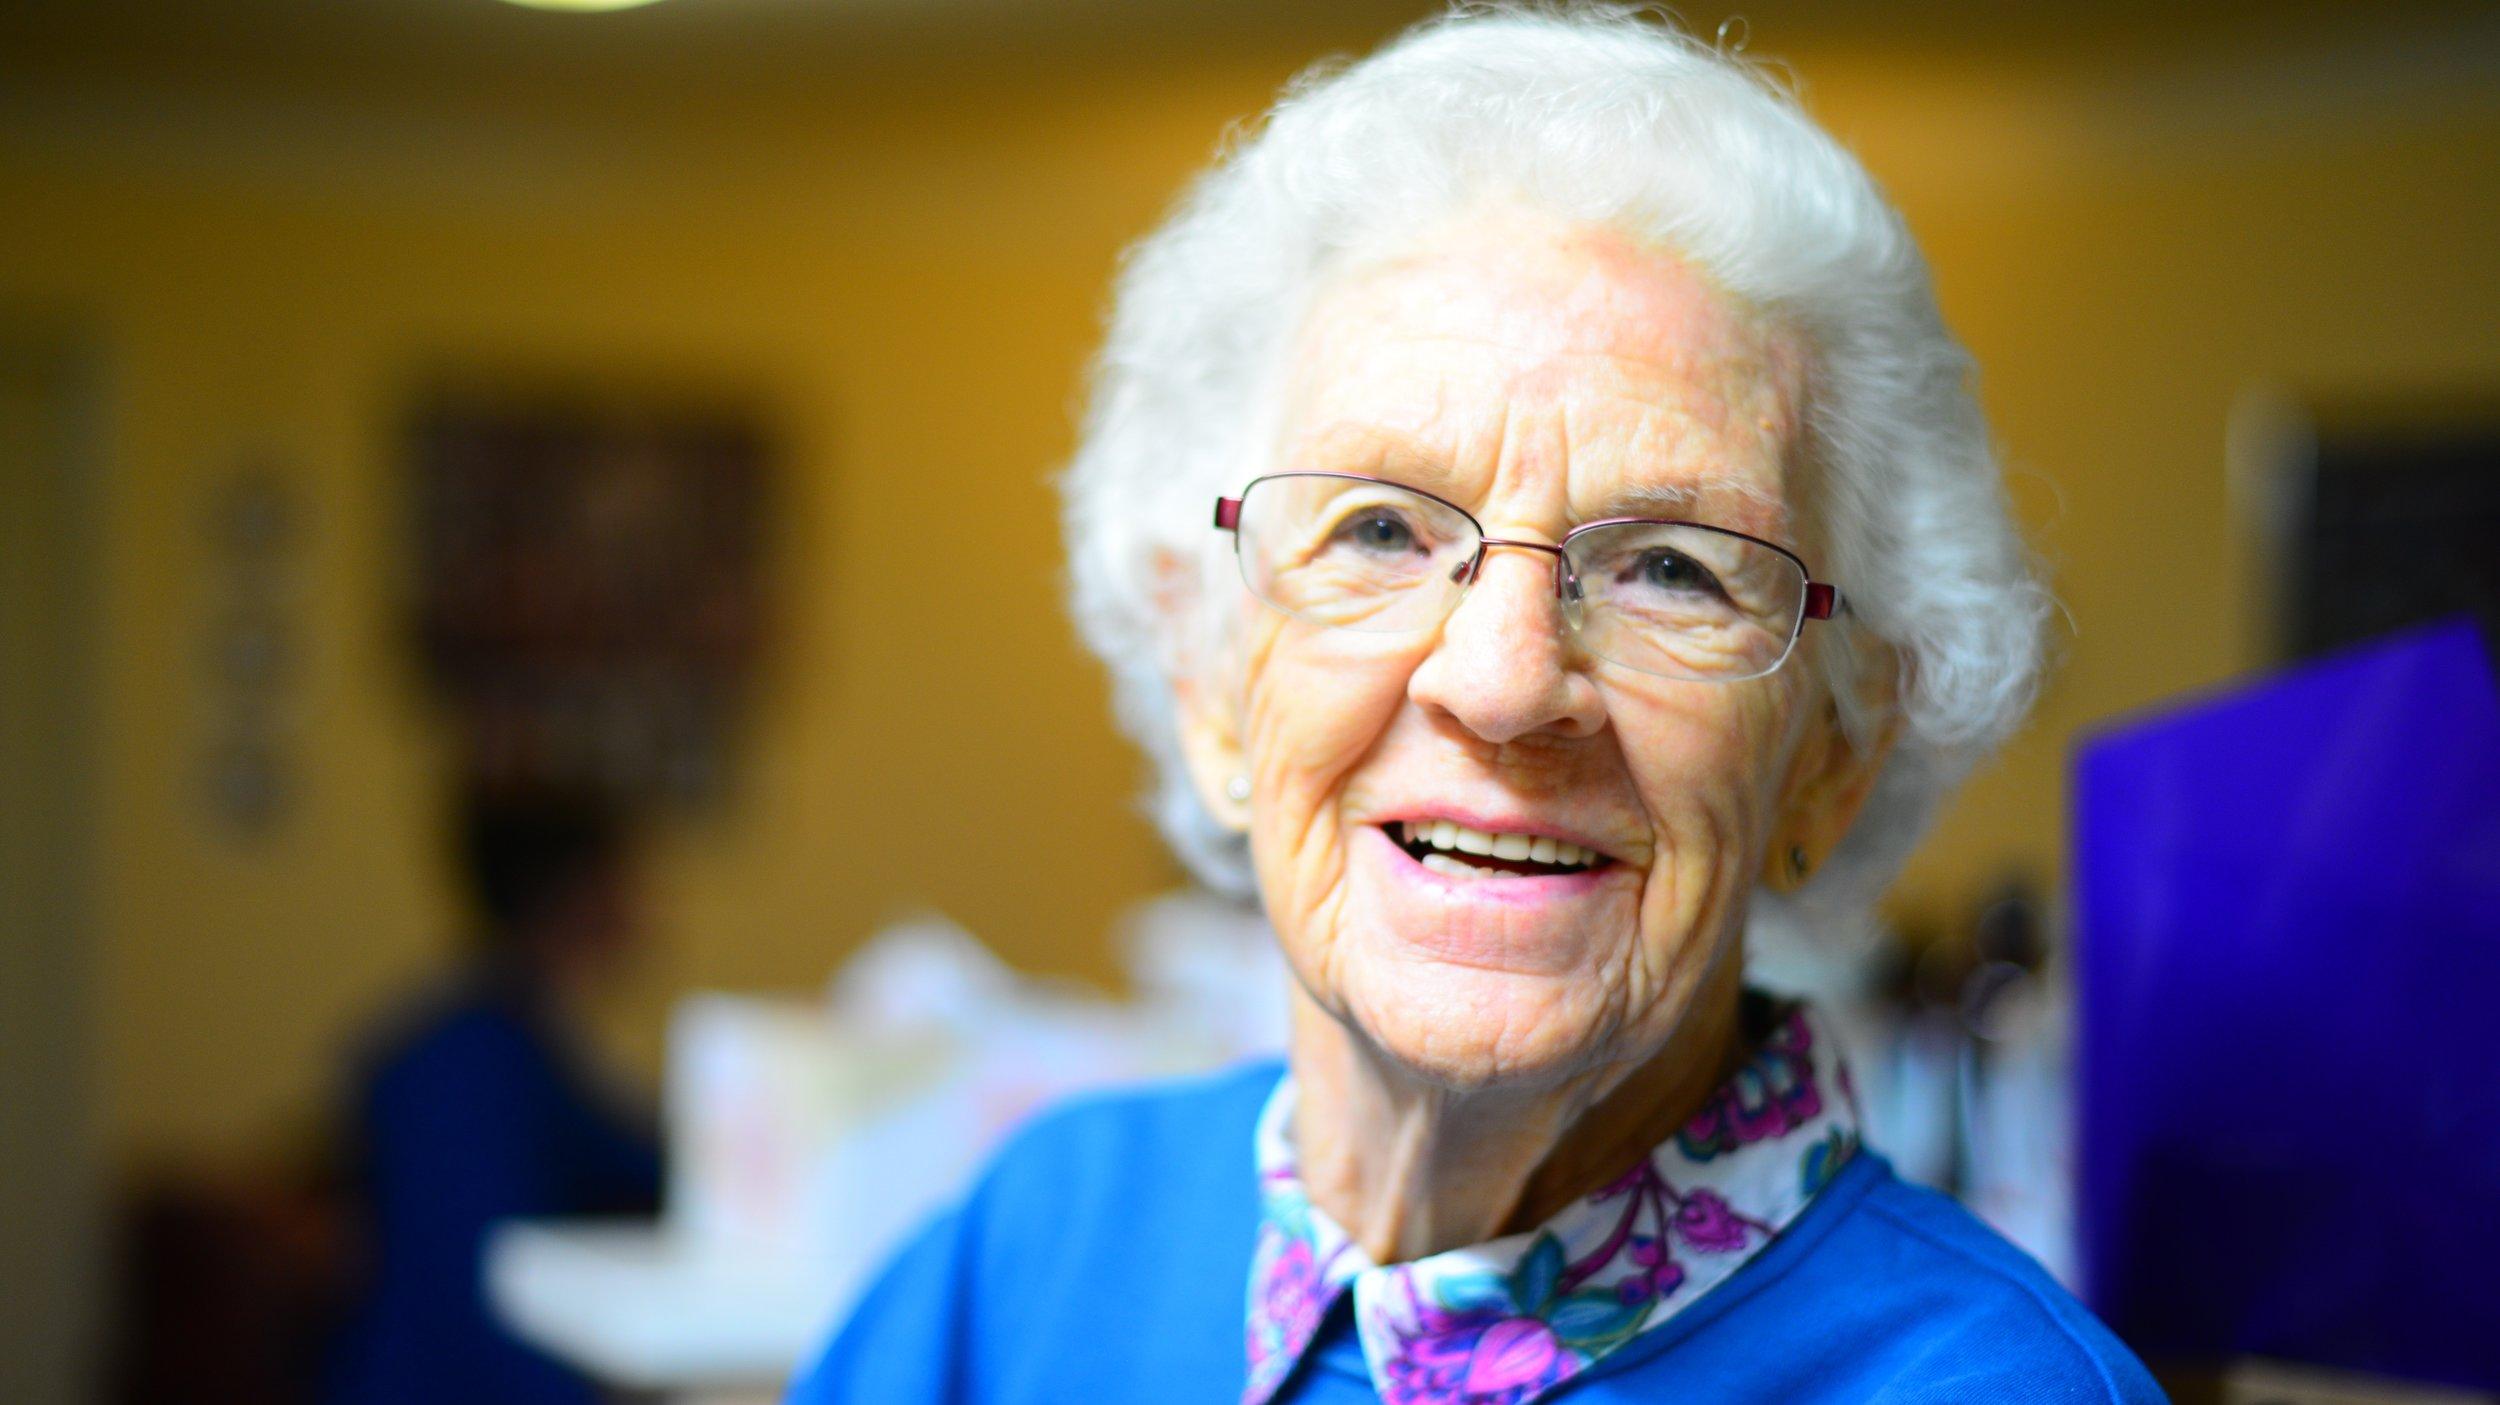 adult_elderly_woman_smiling.jpg